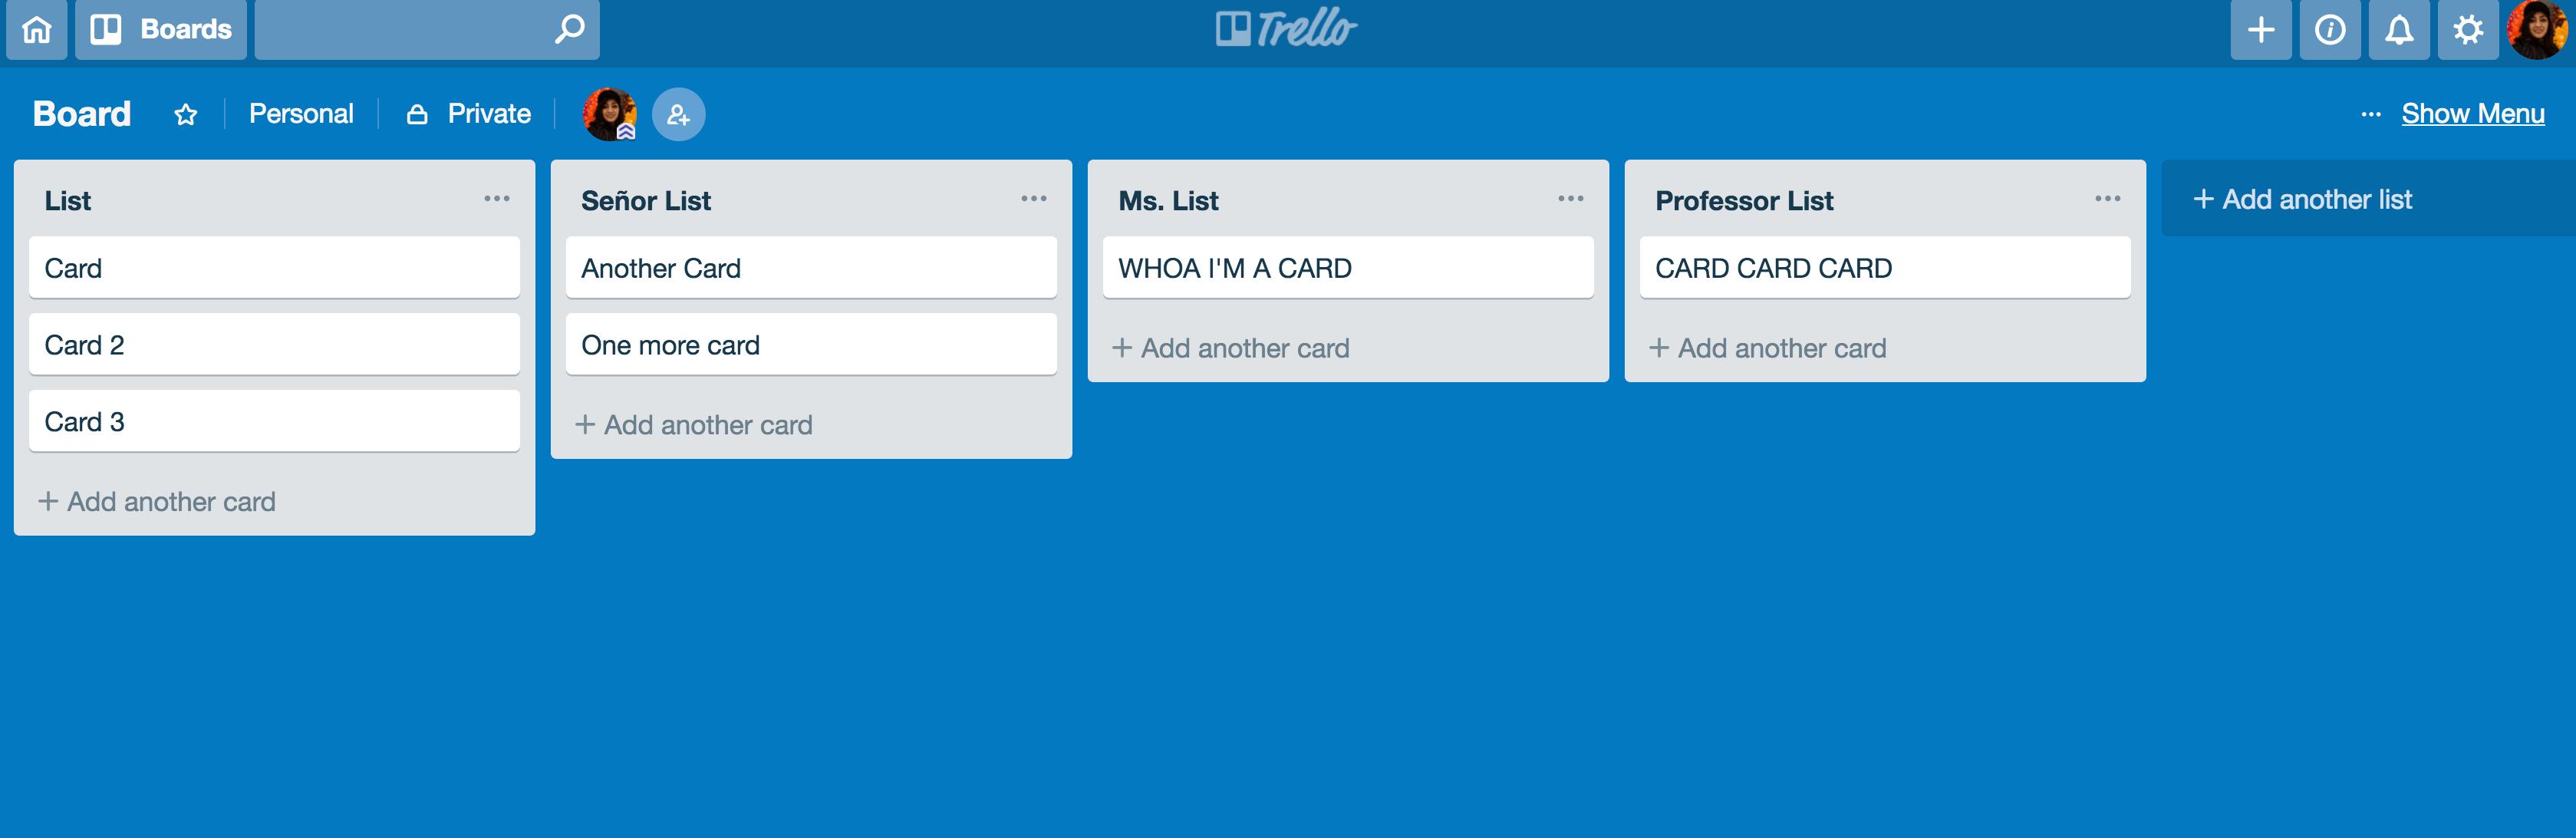 trello basic board structure